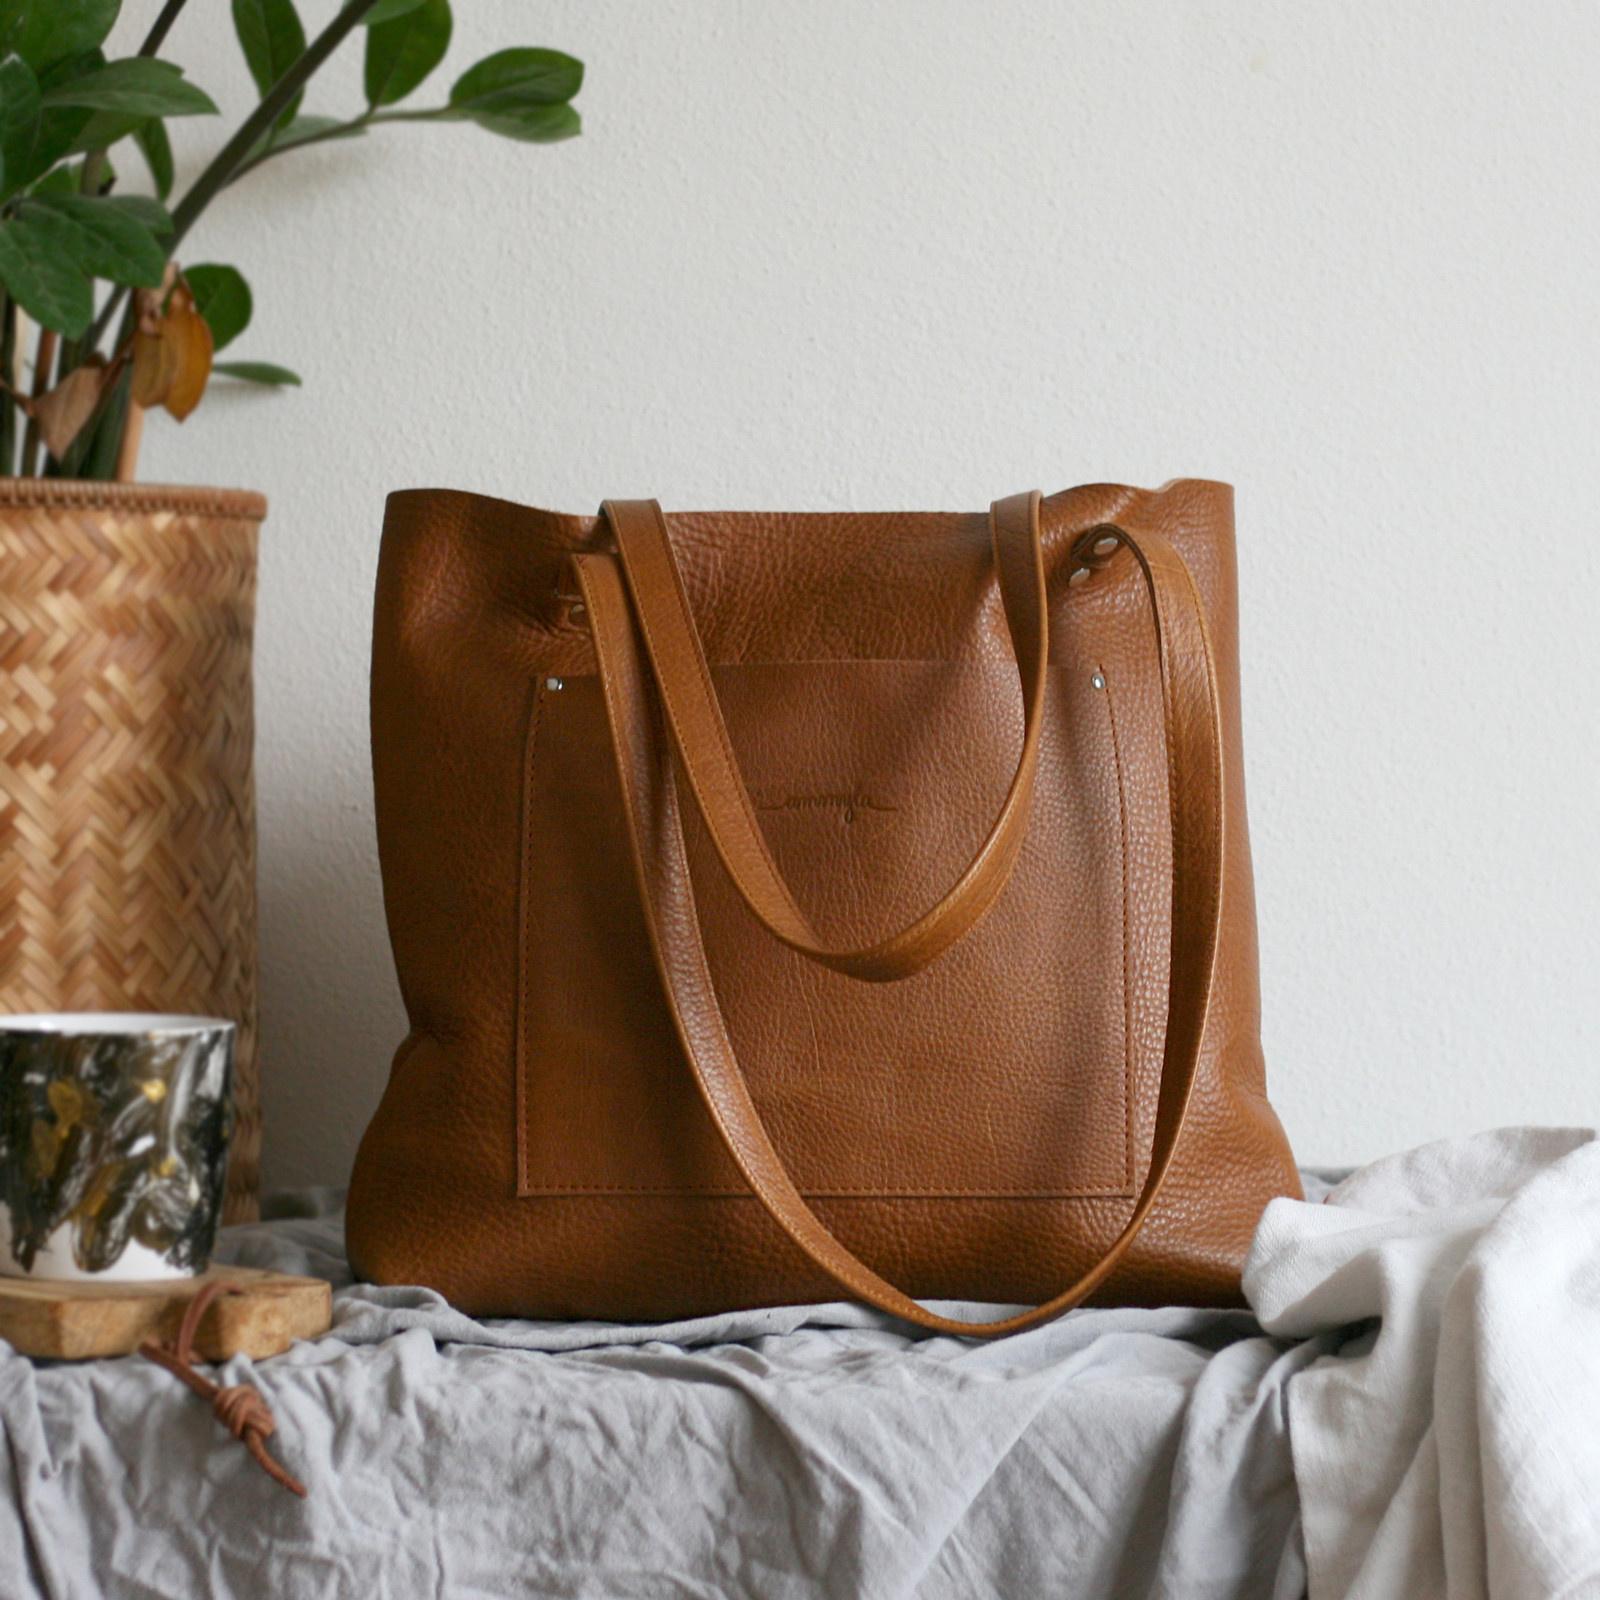 Nina (kožená taška hnedá) - nedostupné   Zboží prodejce Ammyla  d7f96c1690